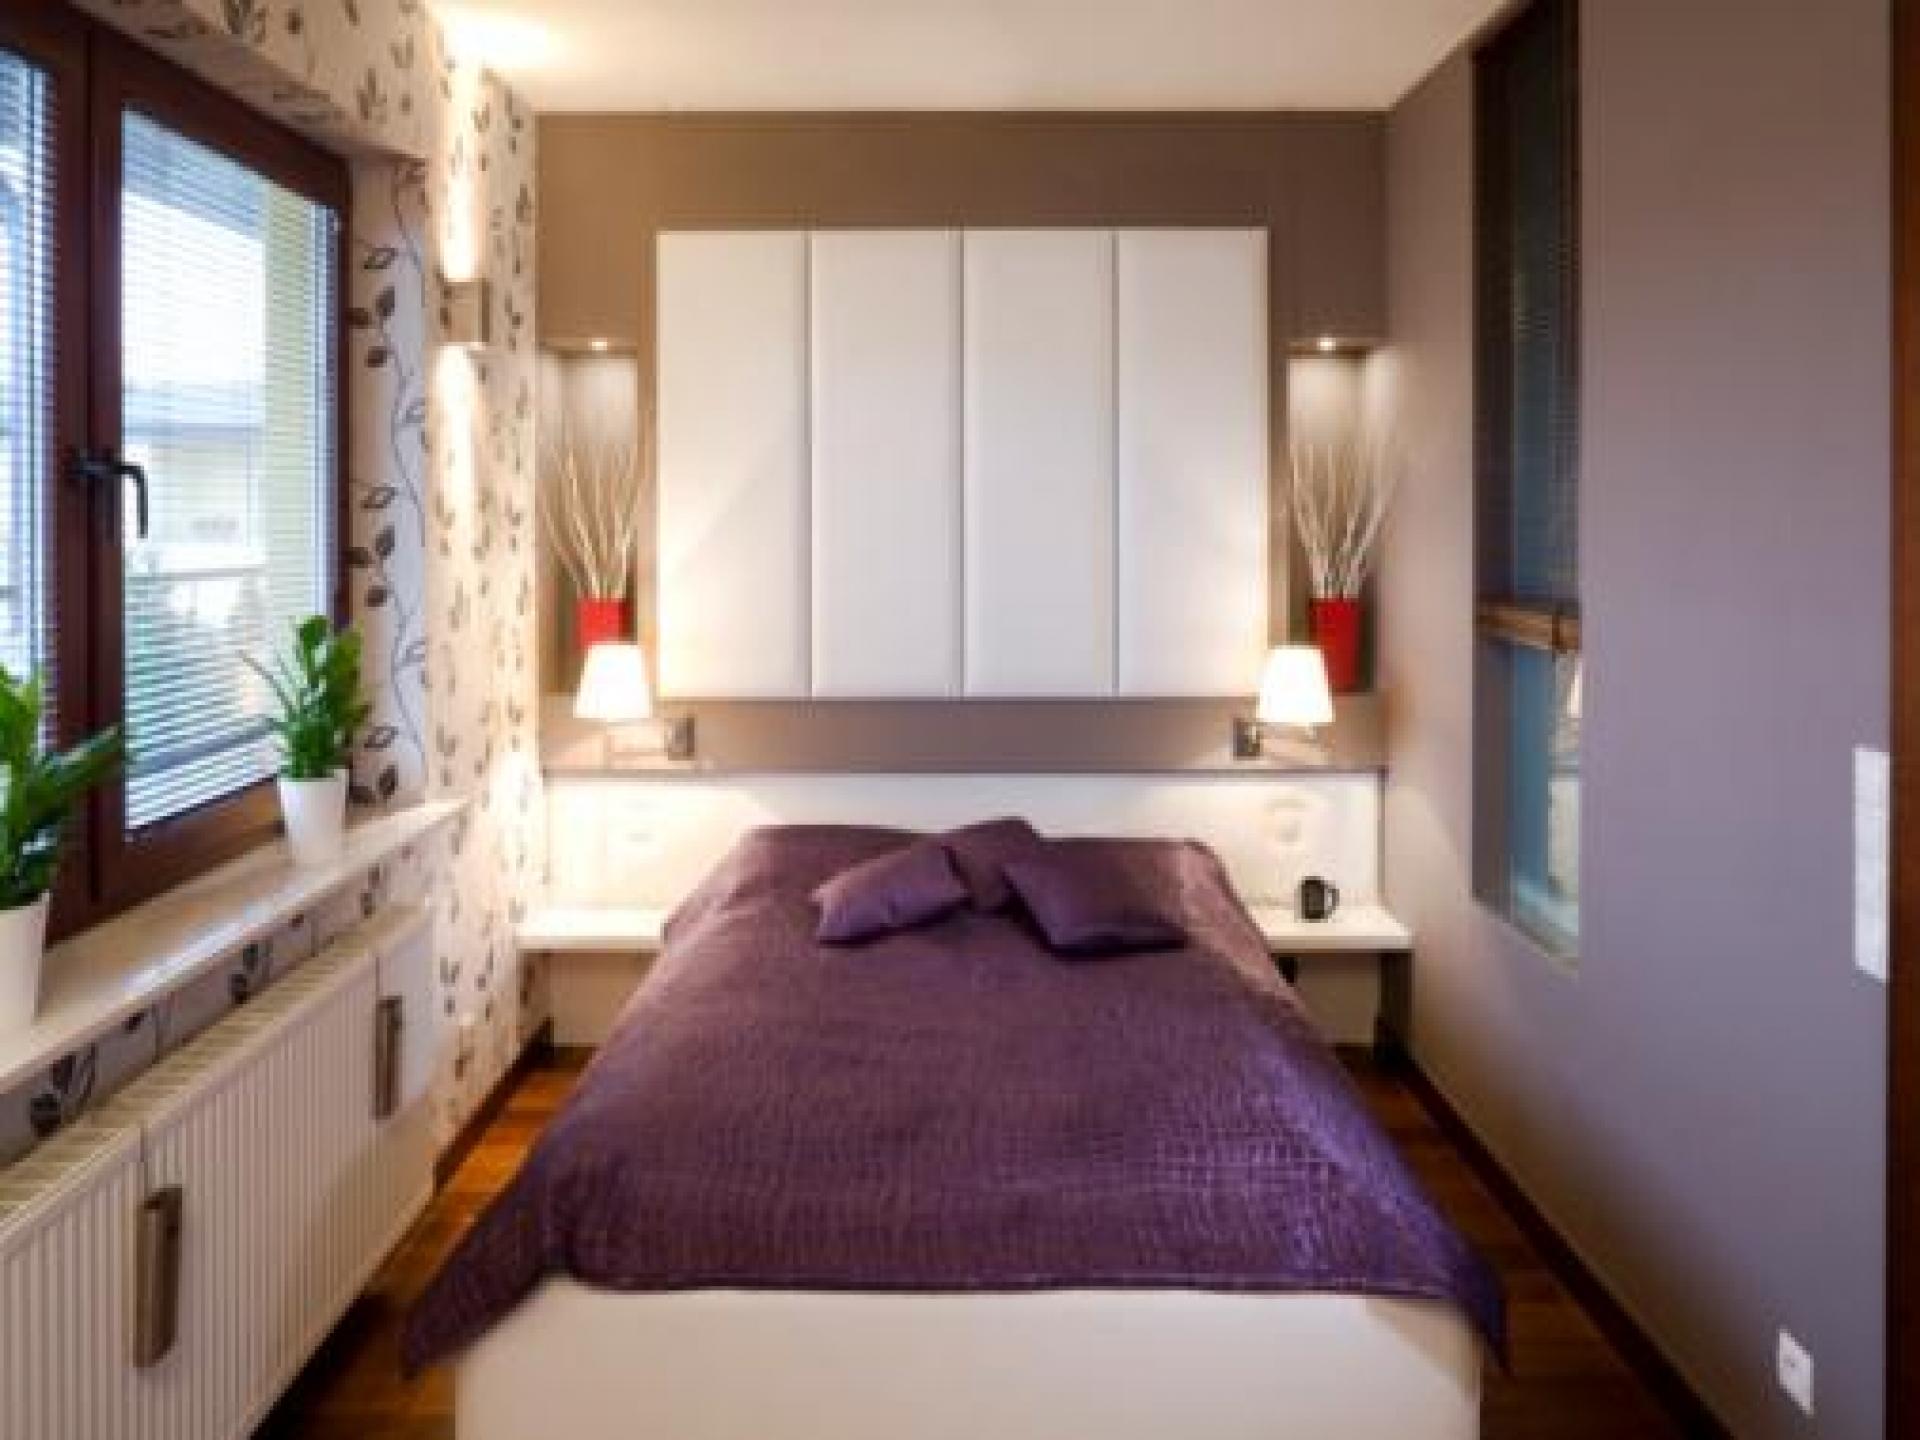 صور دهانات غرف نوم , احلى الدهانات الهادئة المناسبة لغرف النوم